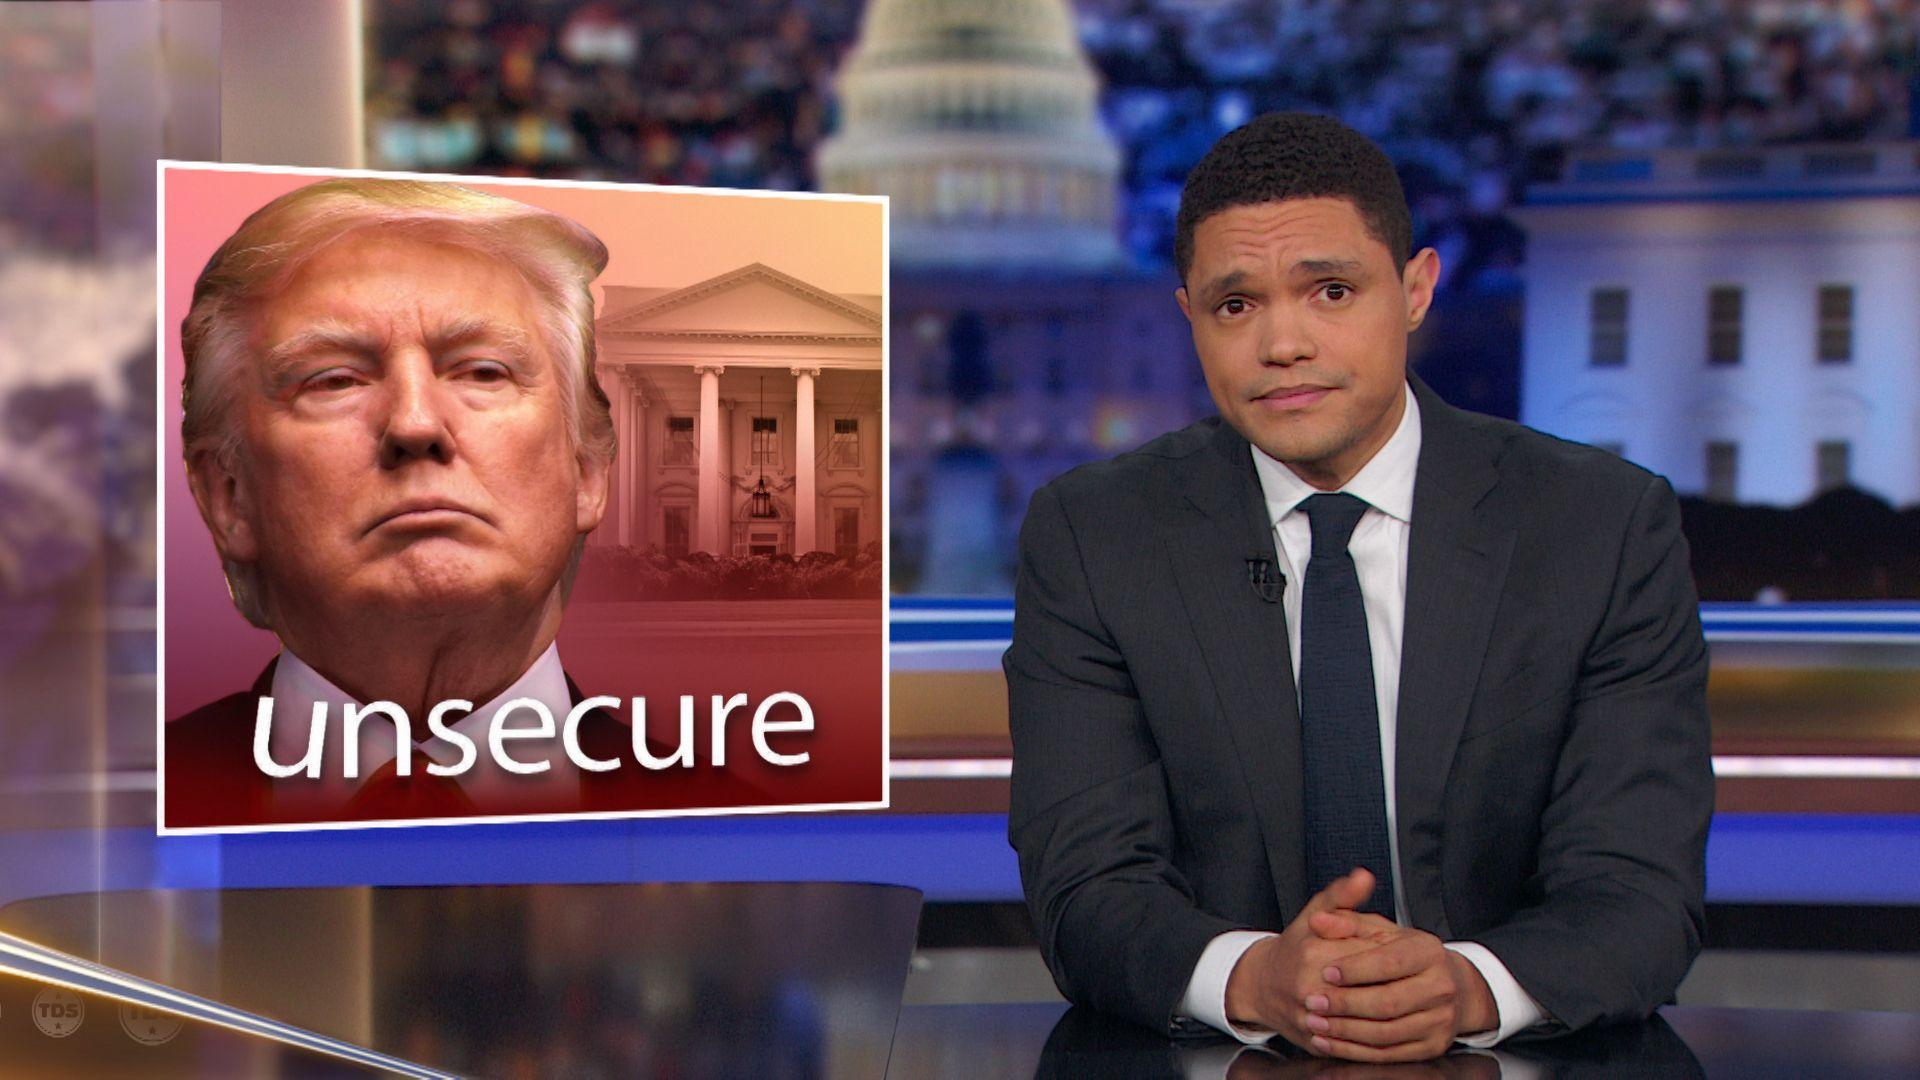 The Daily Show with Trevor Noah   April 2 2019   Marsai Martin 1920x1080